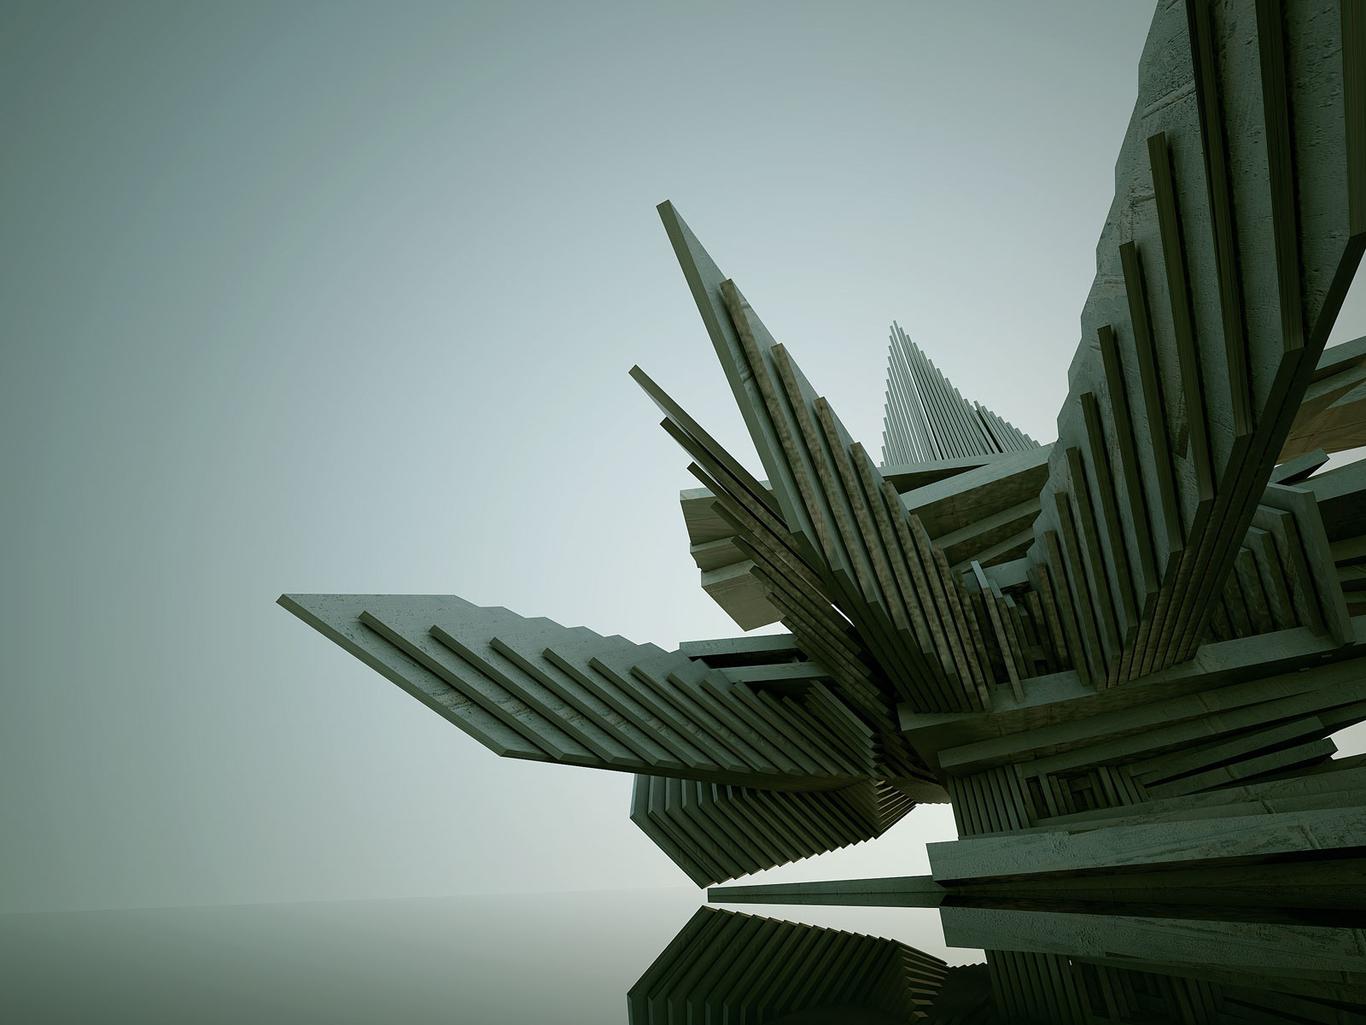 Avisgrafik abstract building 2 1 64f75a33 8p4u